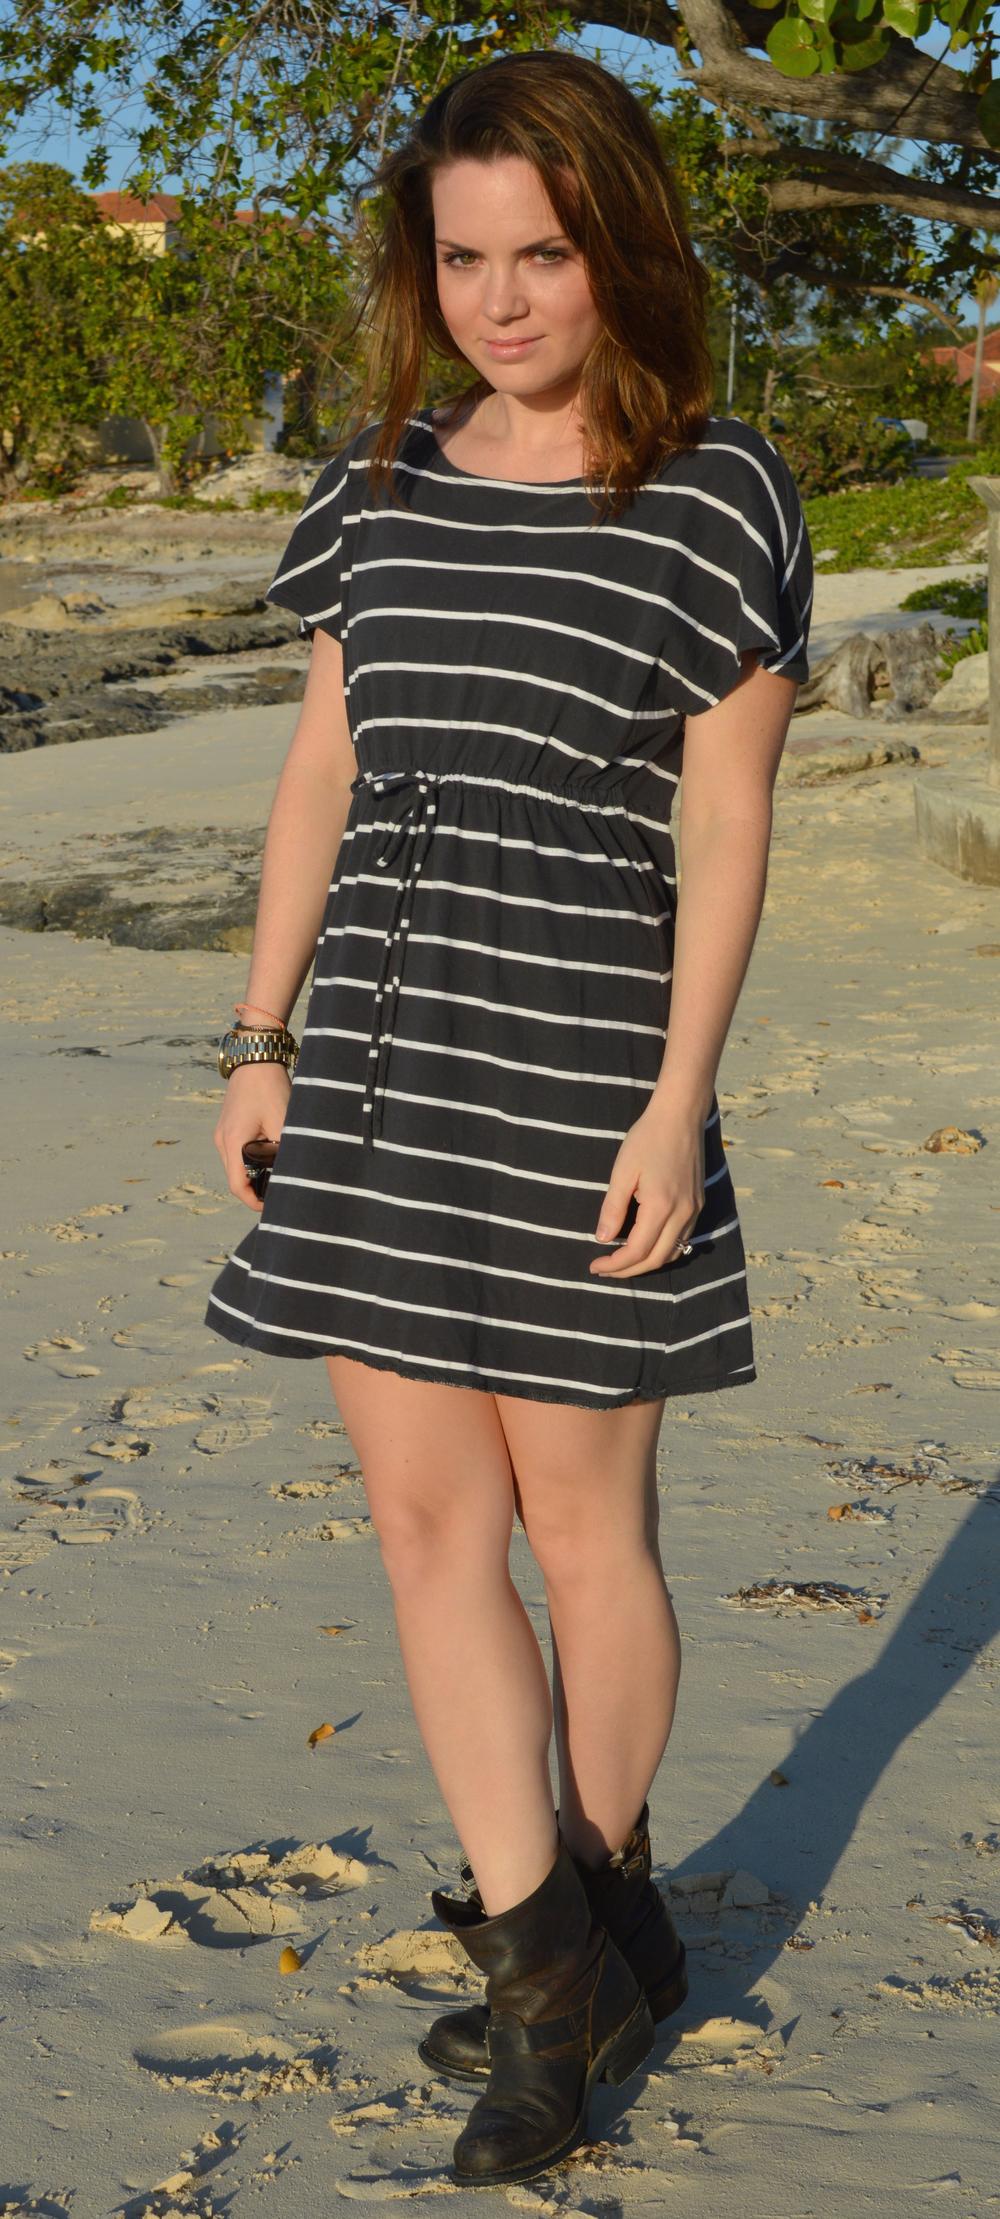 dressboots2.jpg